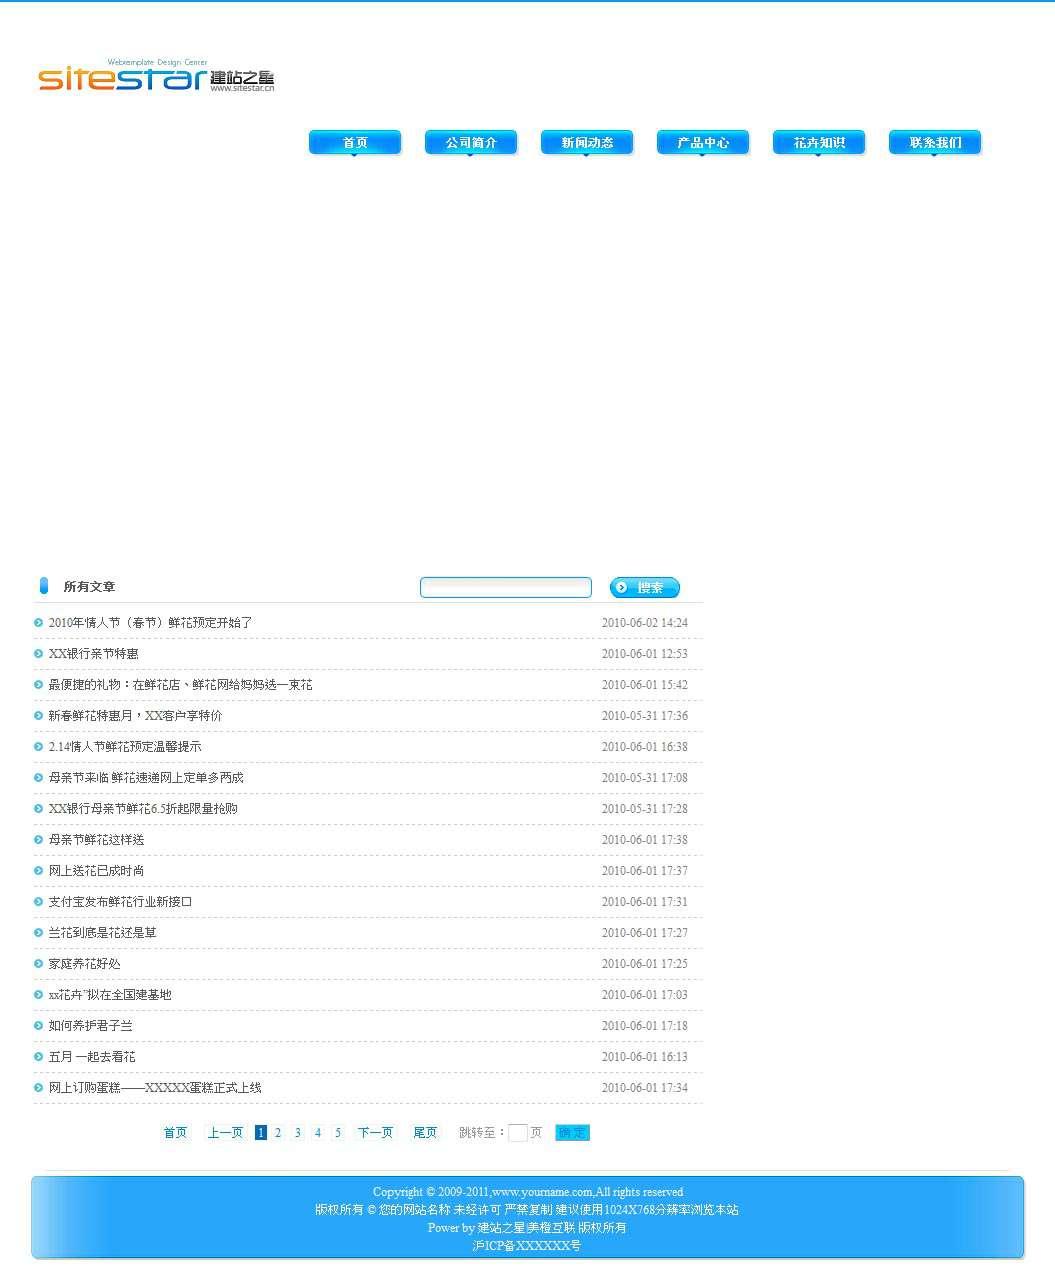 企业网站-鲜花A14模板列表页面